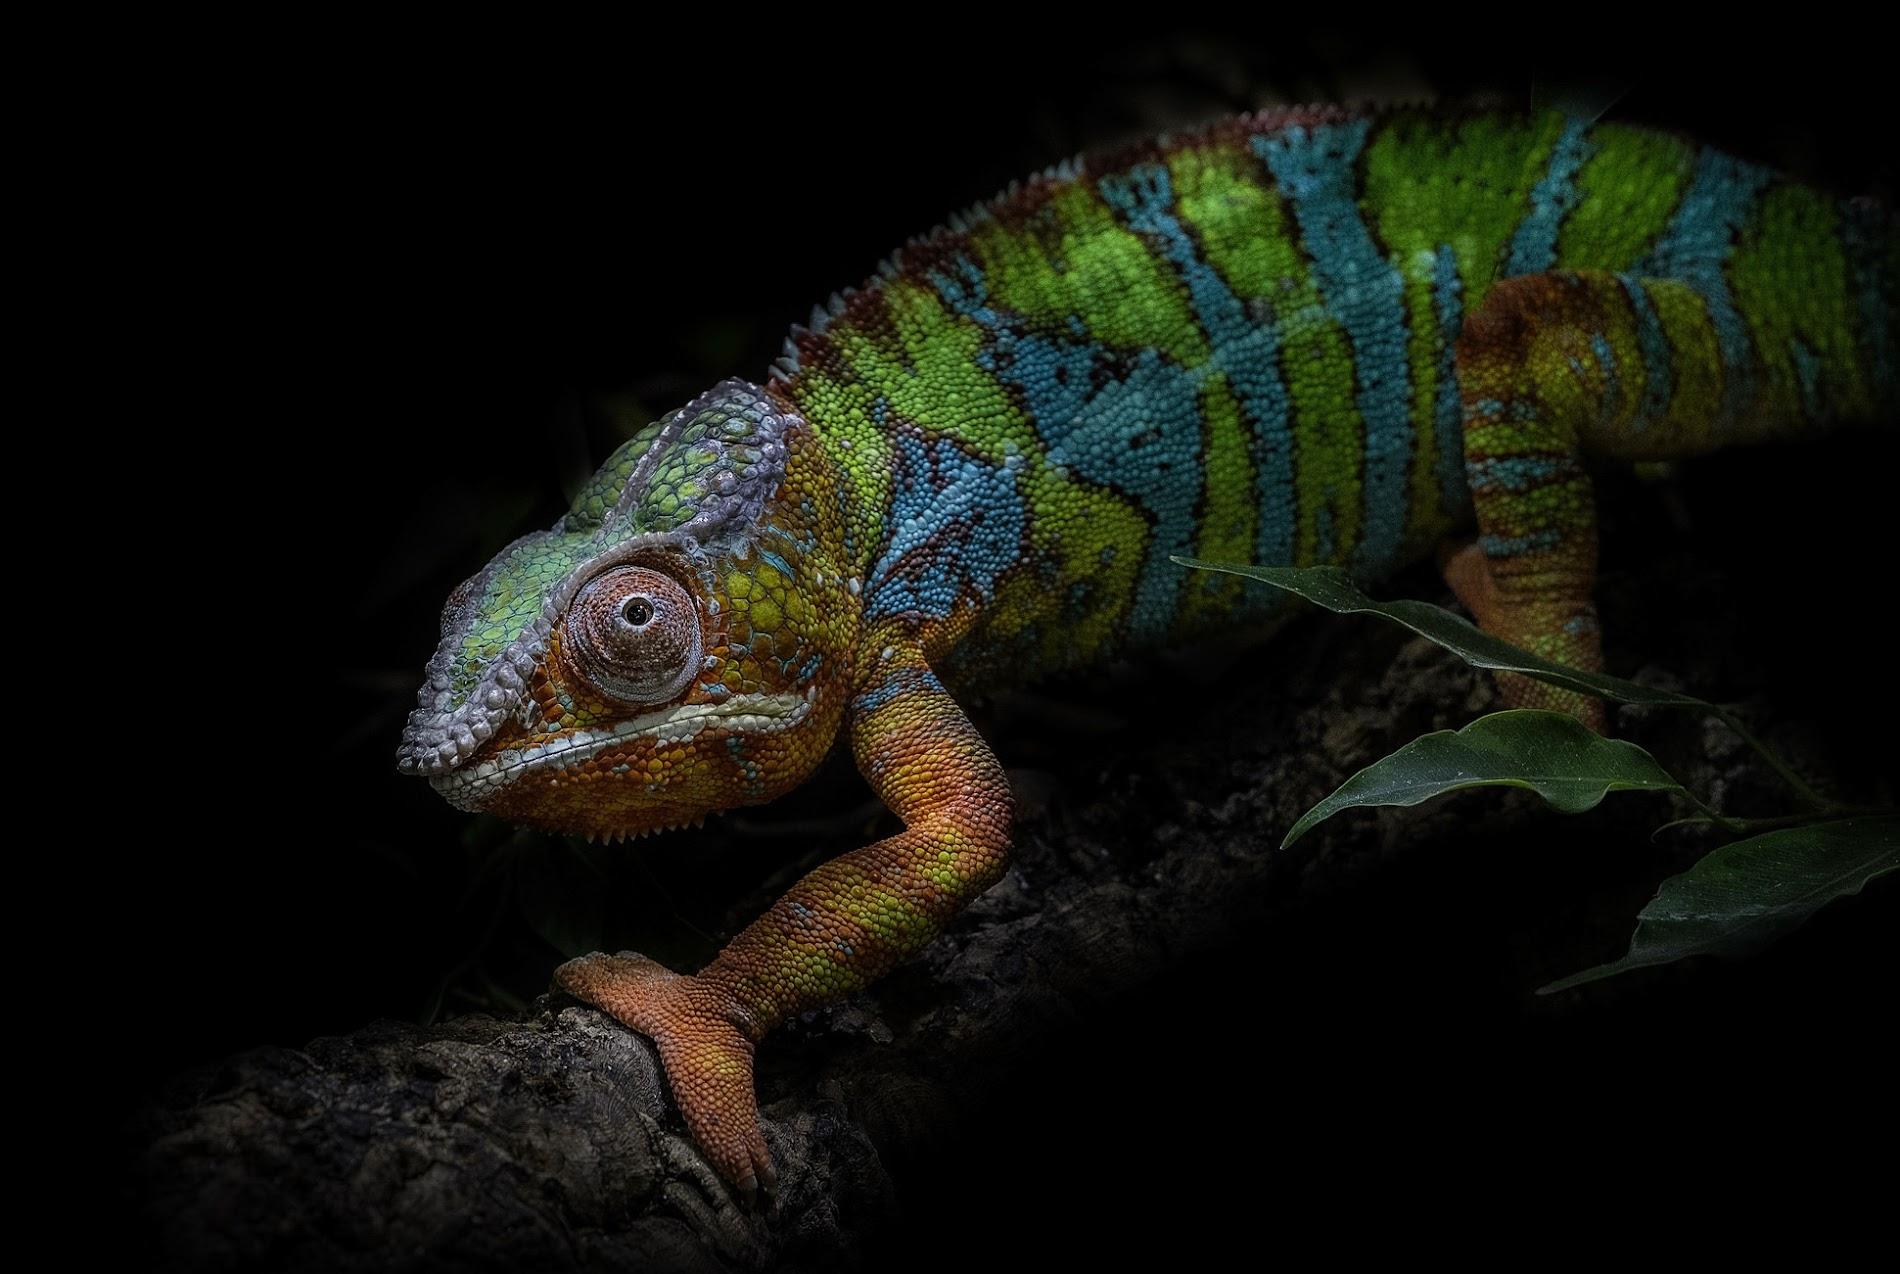 gecko wallpaper